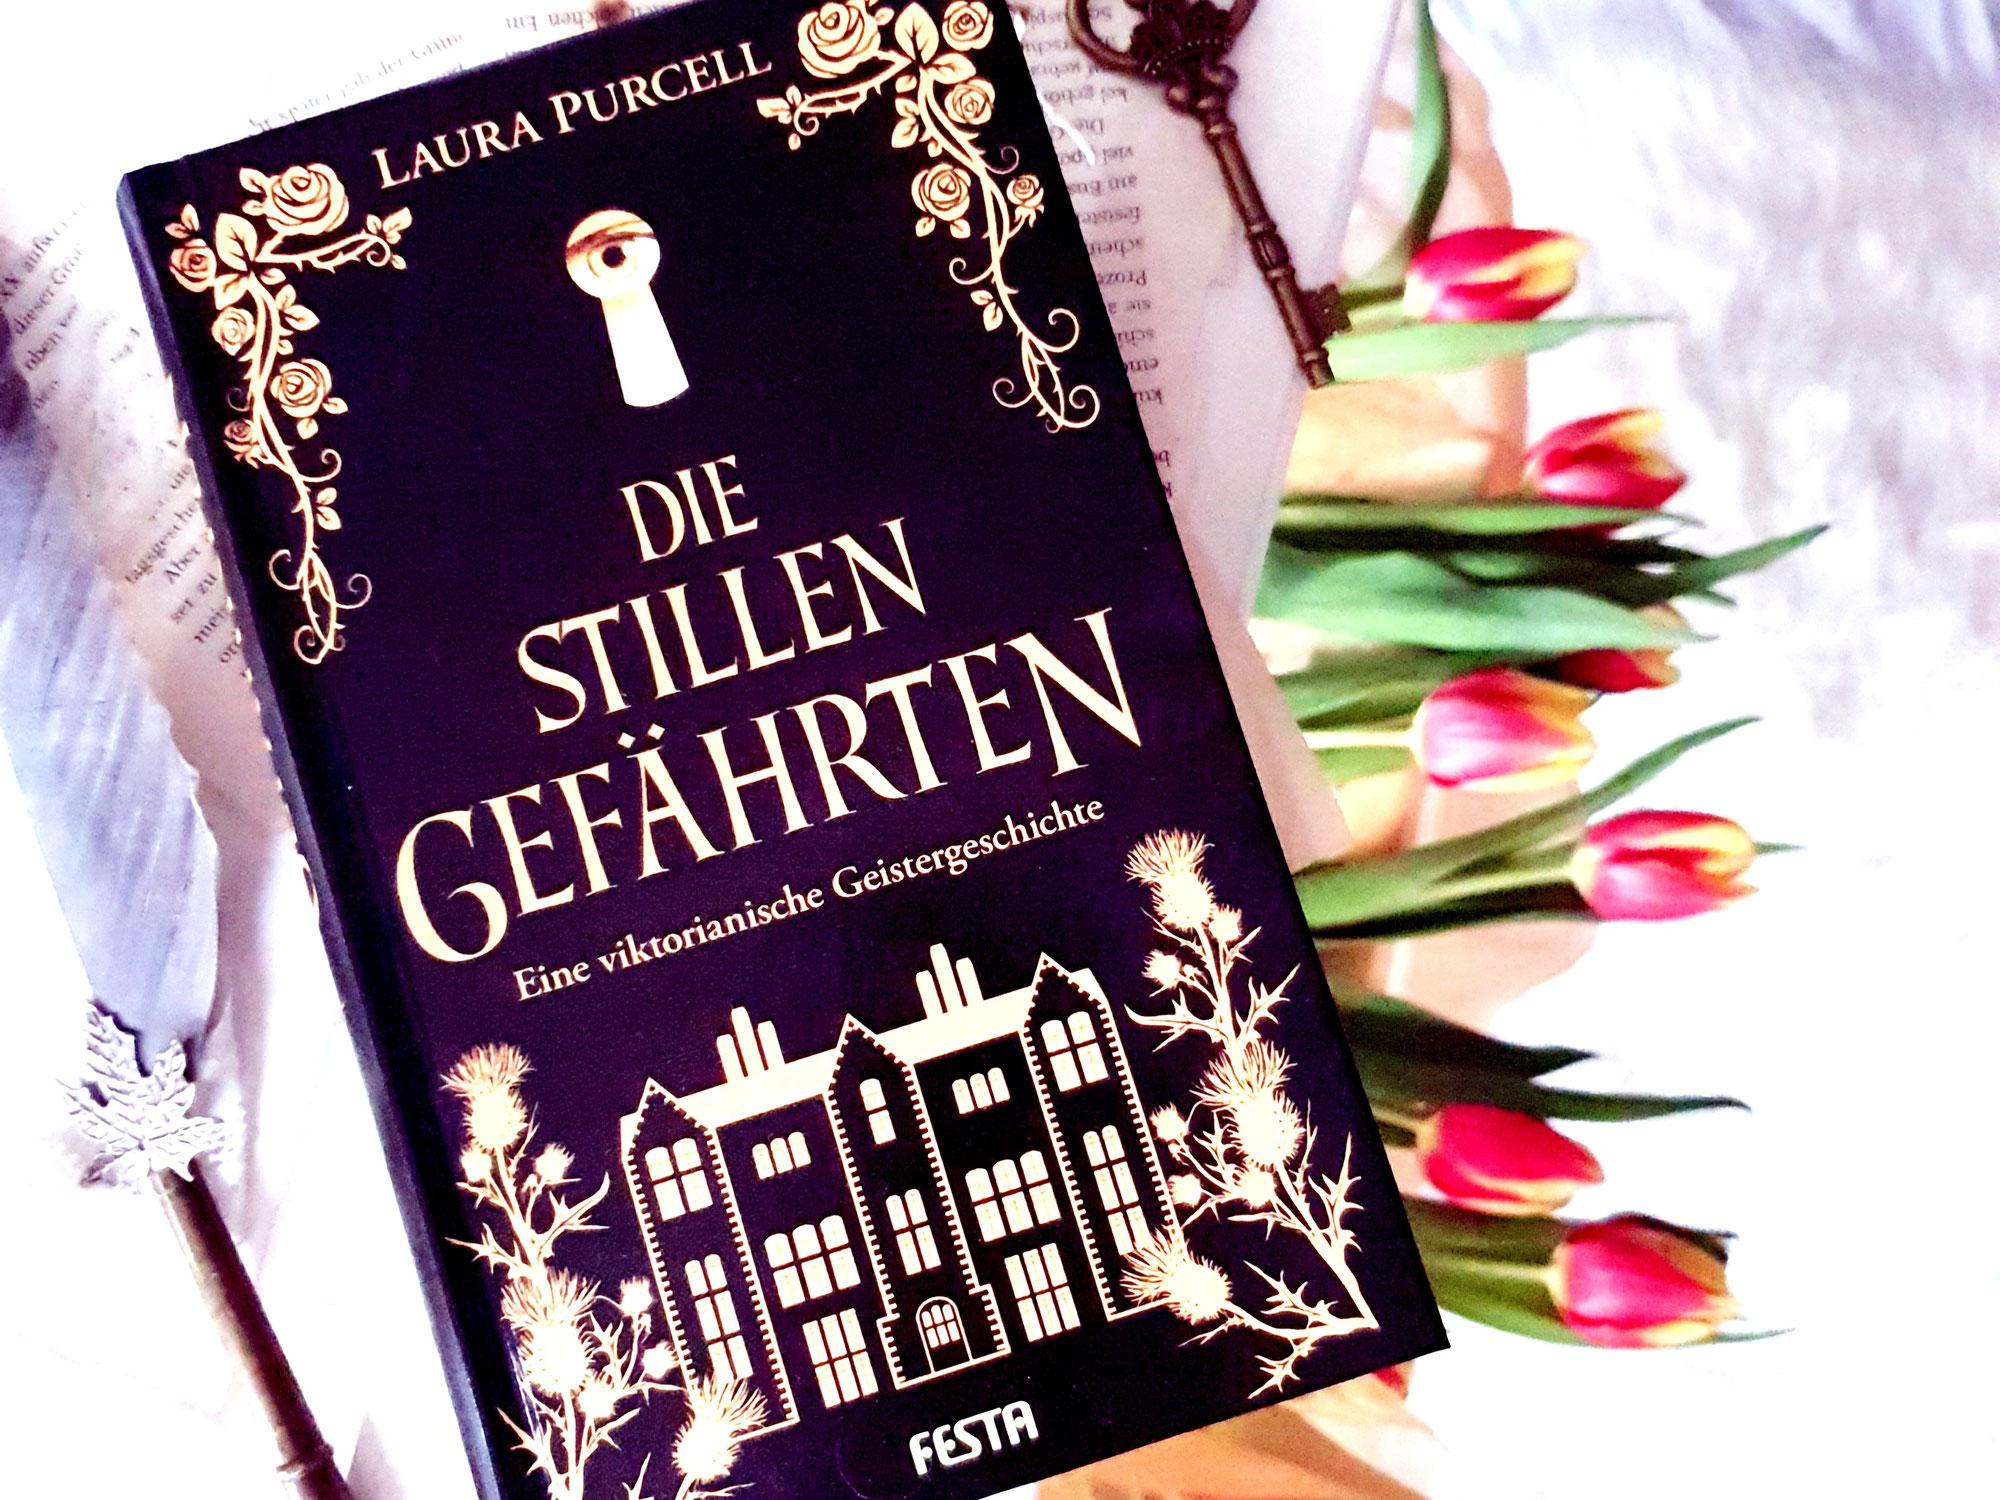 Rezension| Die stillen Gefährten: Eine viktorianische Geistergeschichte von Laura Purcell